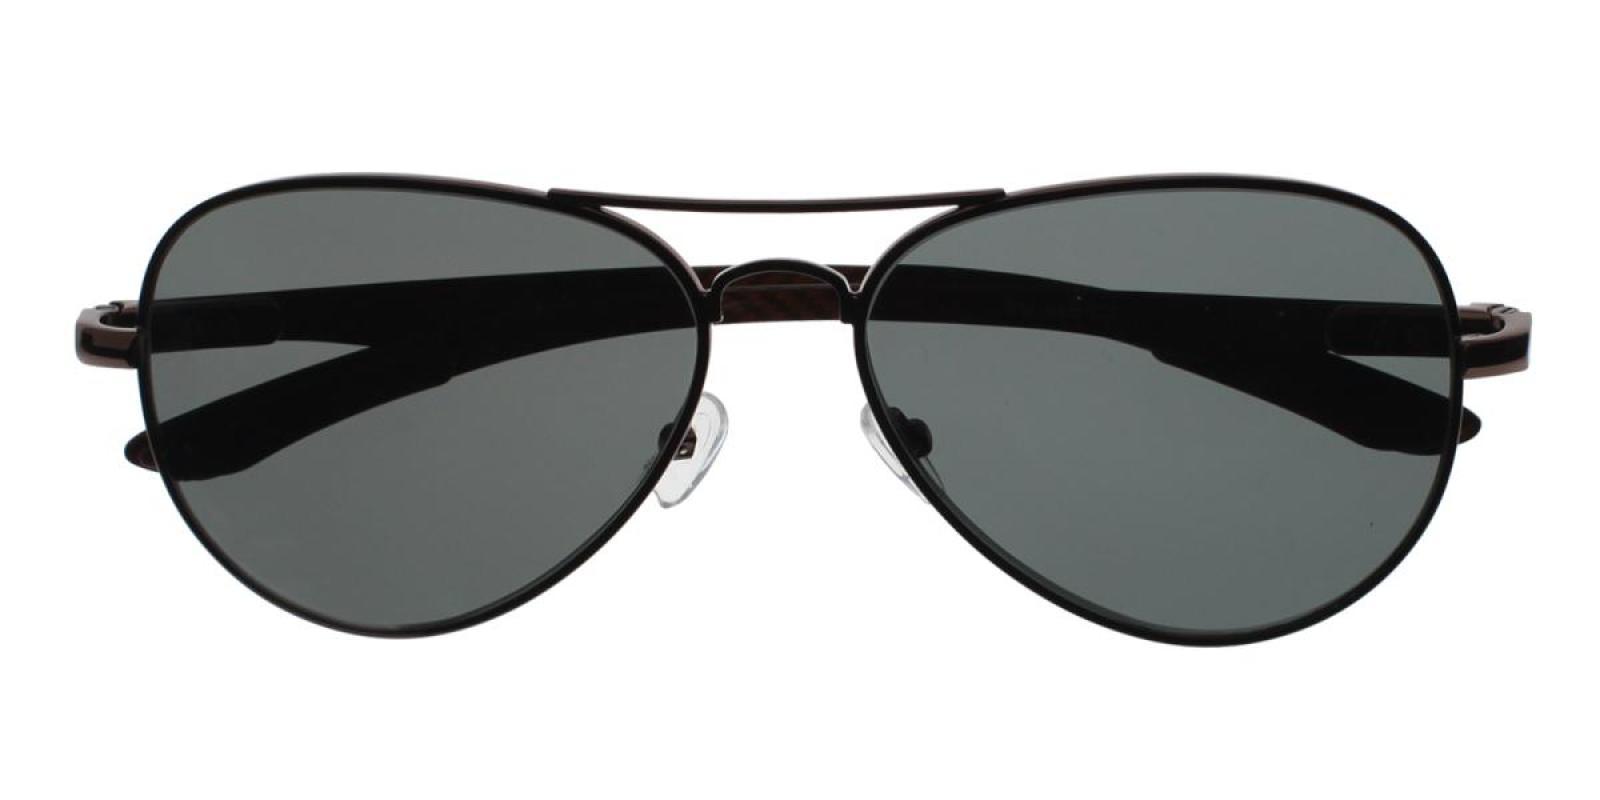 Mckain-Brown-Aviator-Metal-Sunglasses-detail